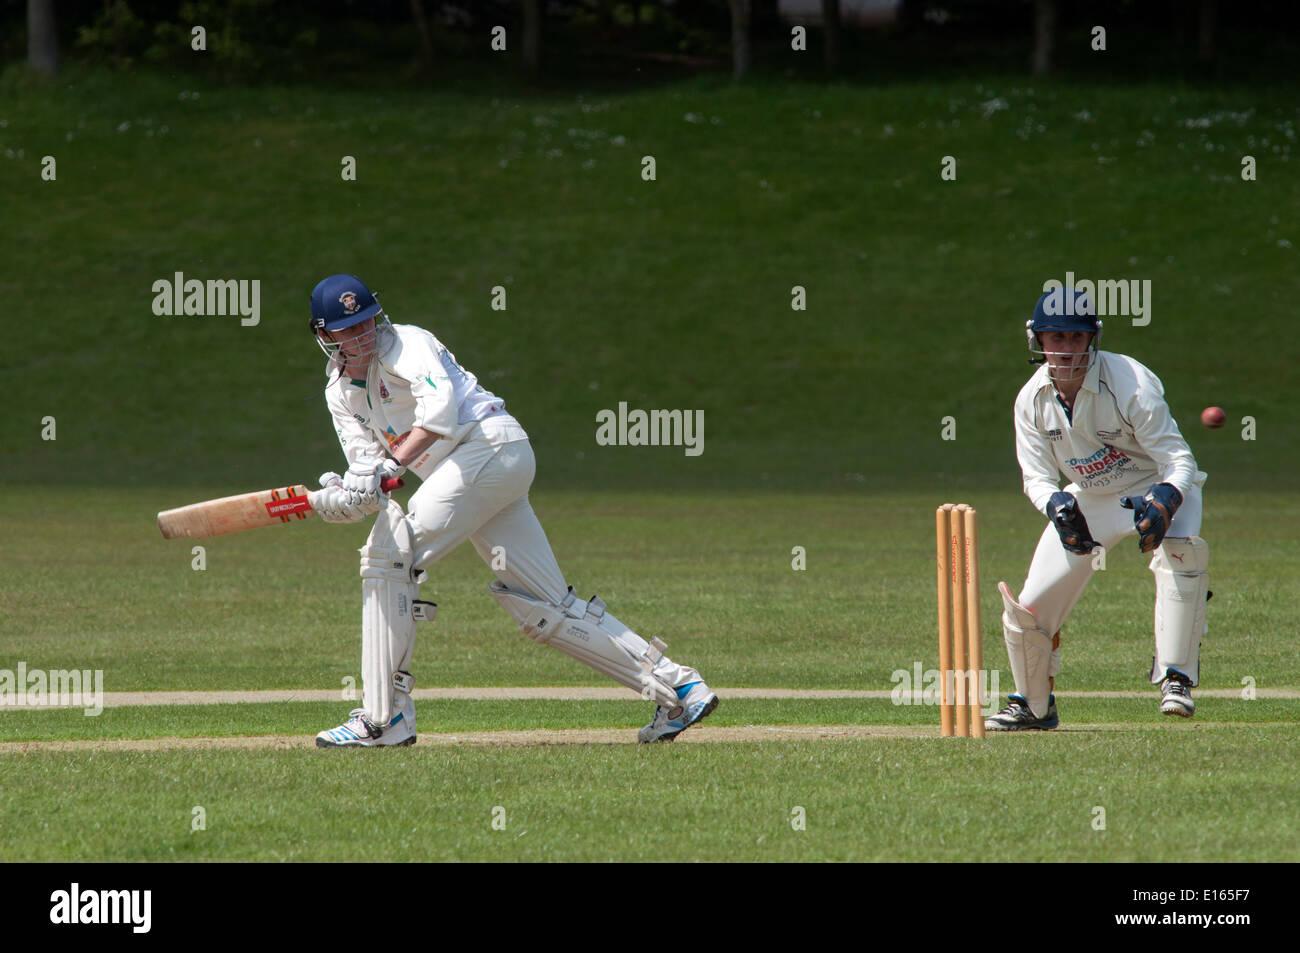 Le sport universitaire, men's cricket à l'Université de Warwick, England, UK Photo Stock